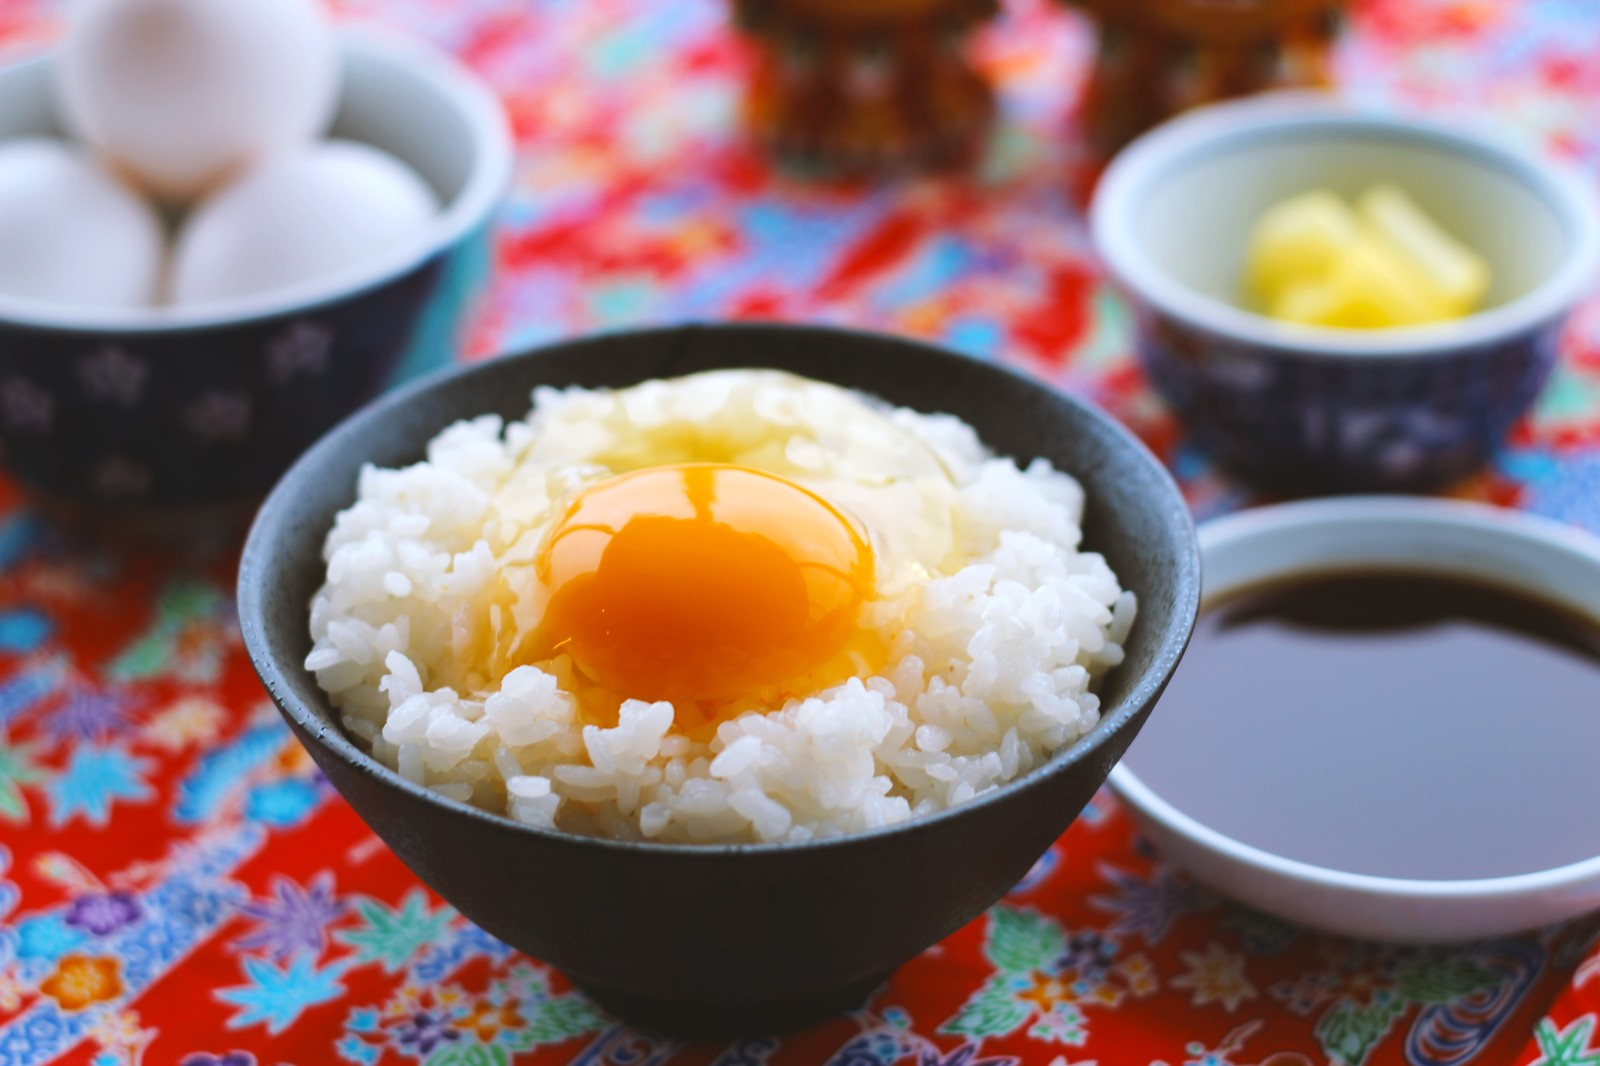 「朝食写真フリー」の画像検索結果